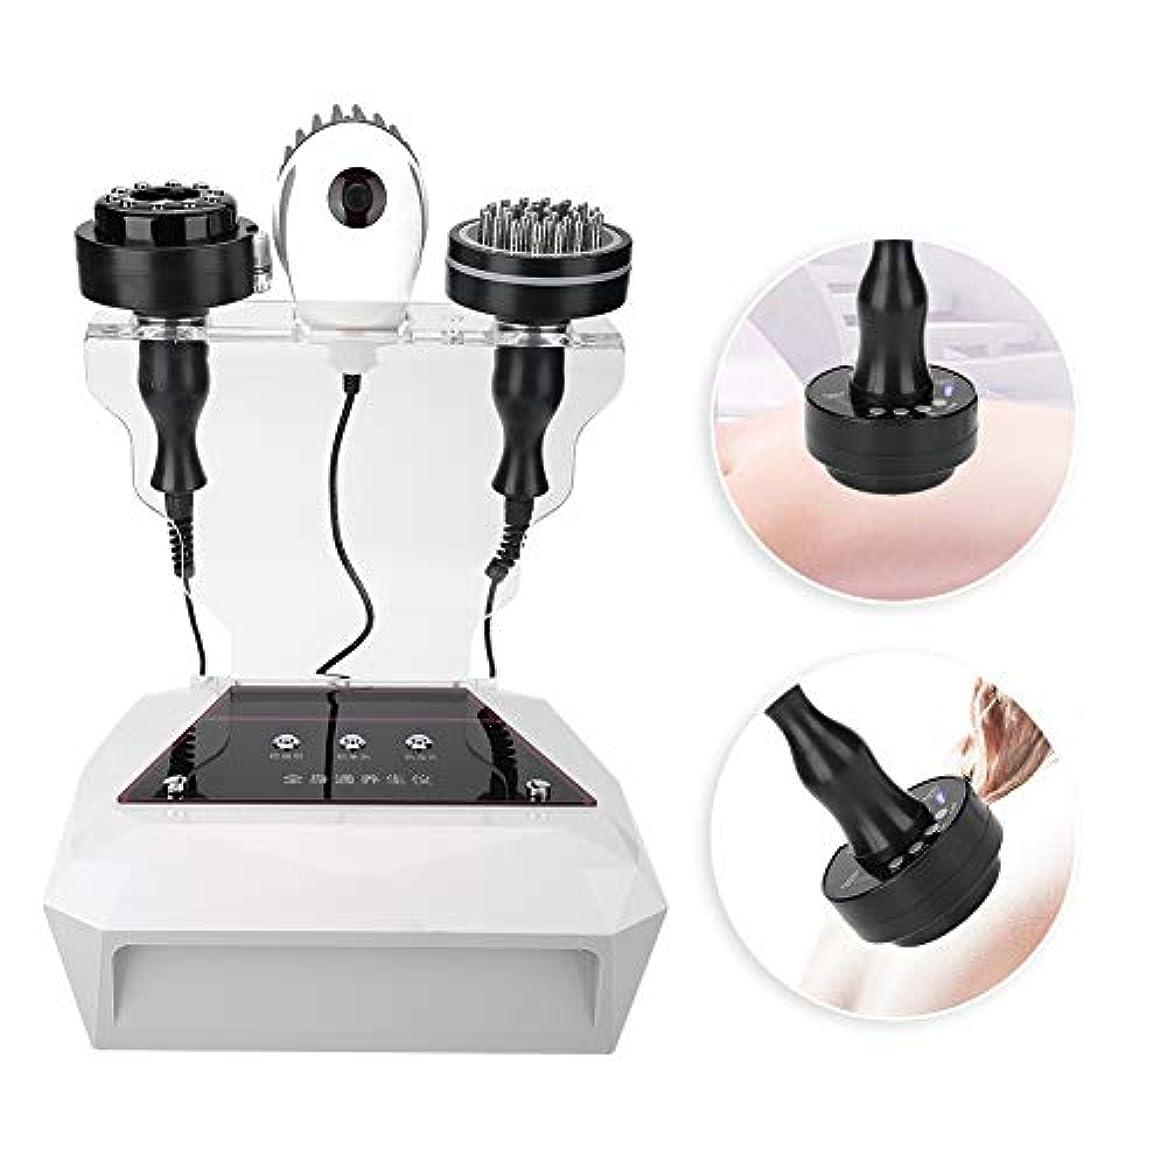 締める送った会話負圧マッサージャー、多機能マイクロ電流スクレーピングマッサージ機ボディ解毒機器(USプラグ(110v))